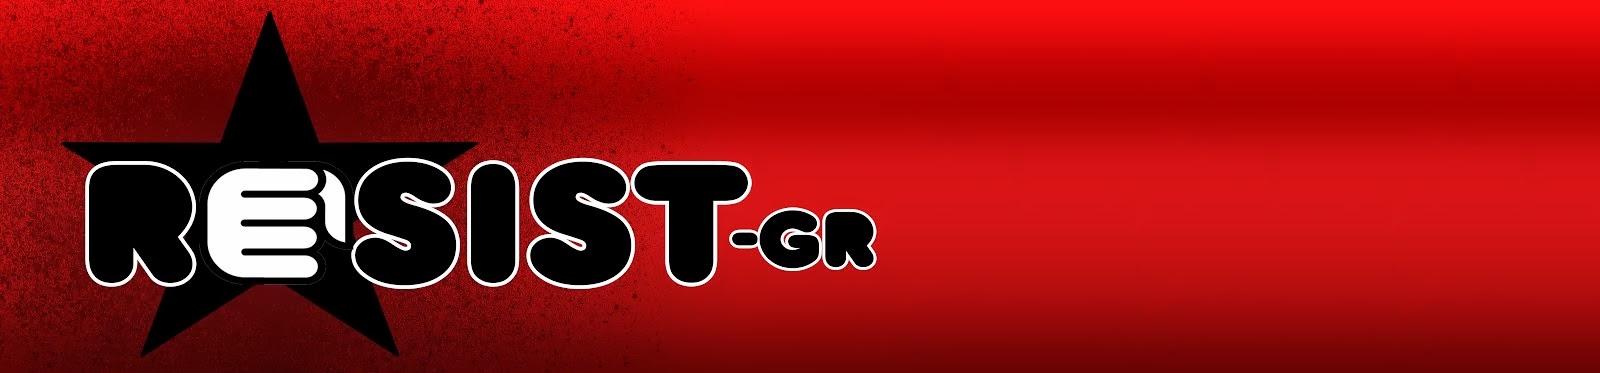 Resist-gr